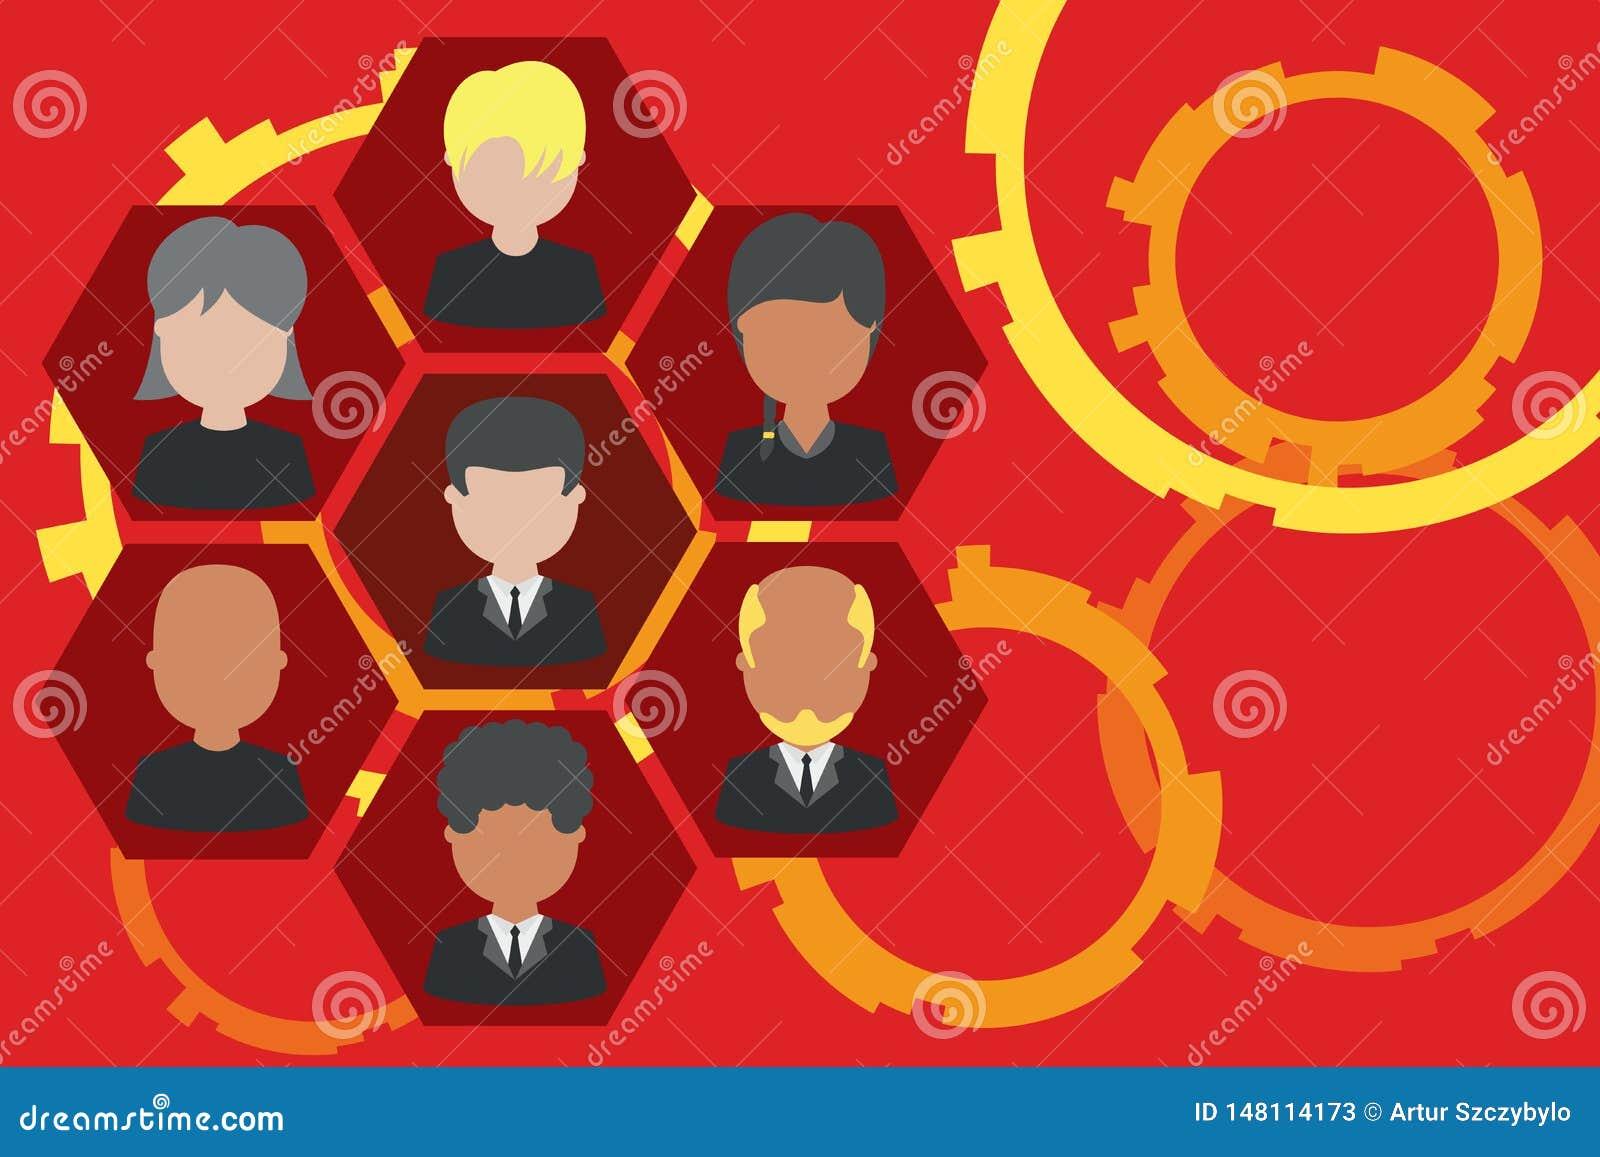 相框首席执行官和职员 公司工作的人员 组织系统图CEO雇员 队公司